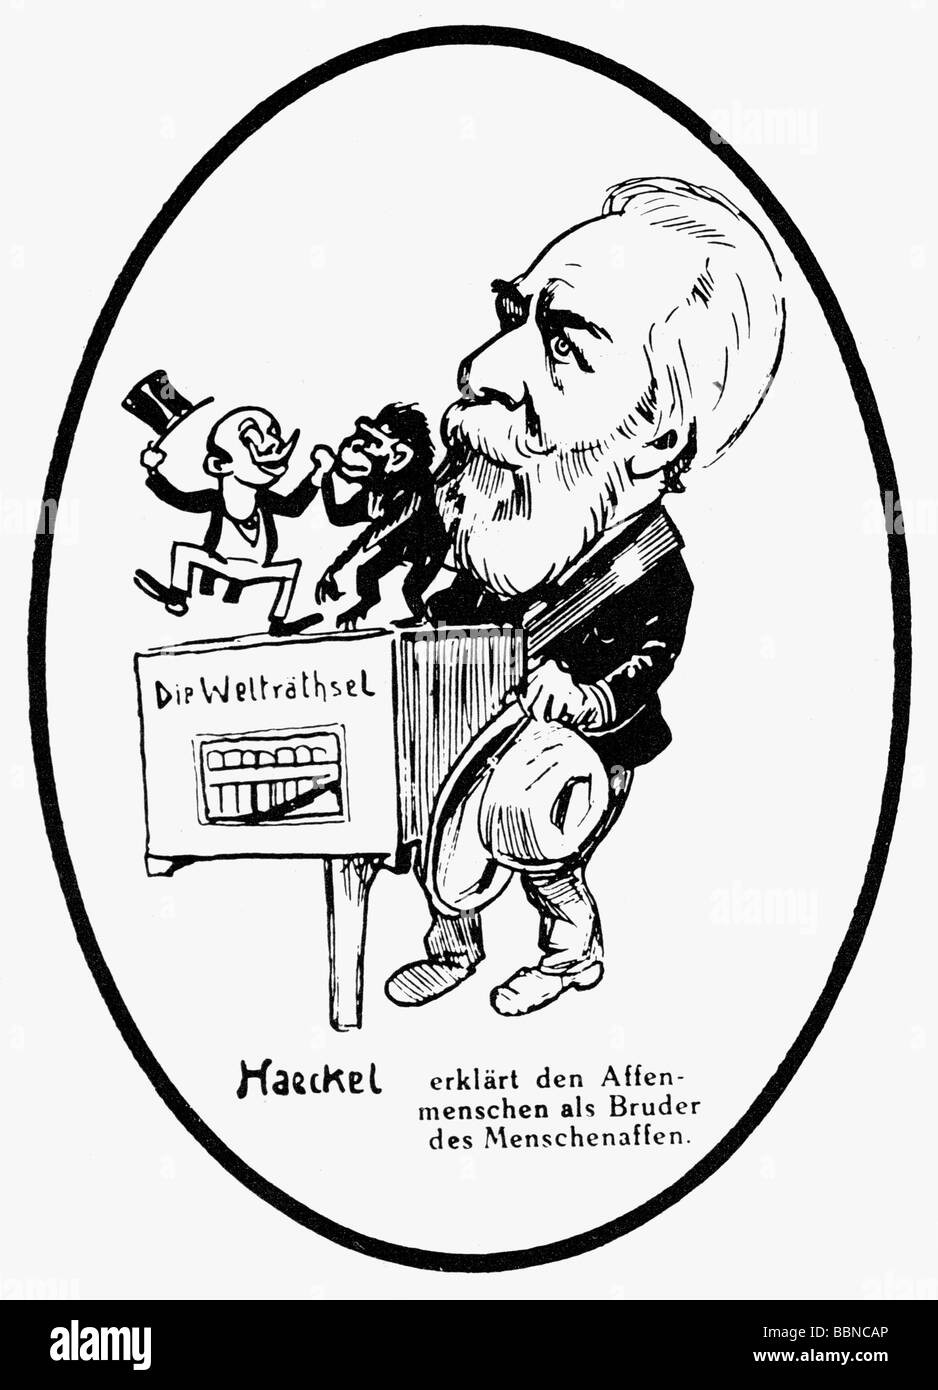 Haeckel, Ernst, 16.2.1834 - 9.8.1919, antropologo tedesco, caricatura 'Haeckel è spiegare il apeman come Immagini Stock